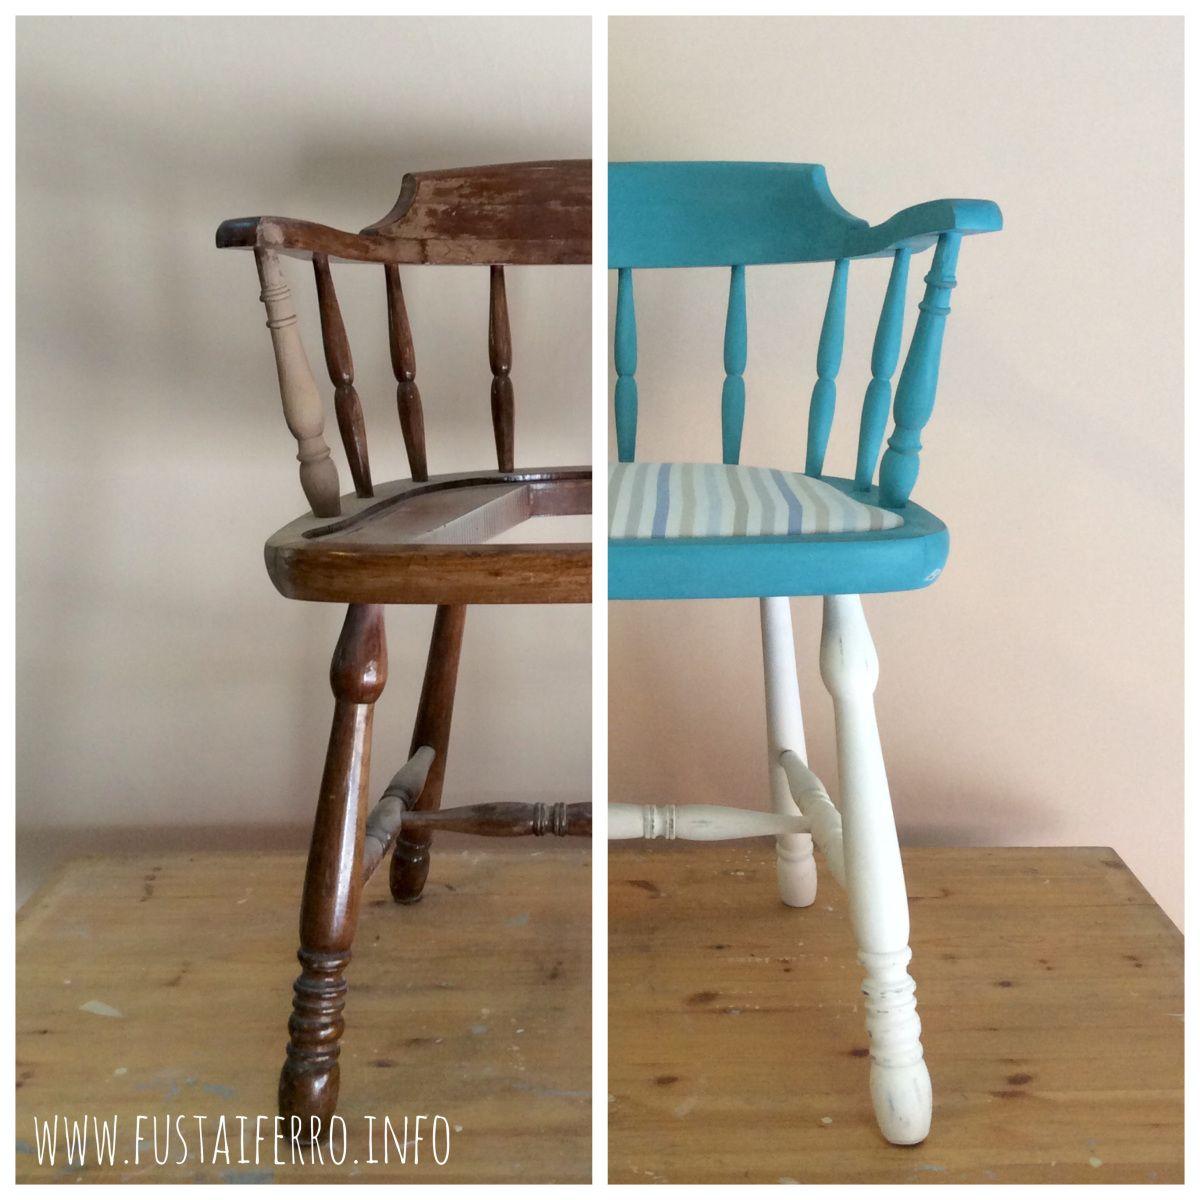 Paso a paso restauraci n de silla pintada con chalk paint - Tecnicas de restauracion de muebles ...